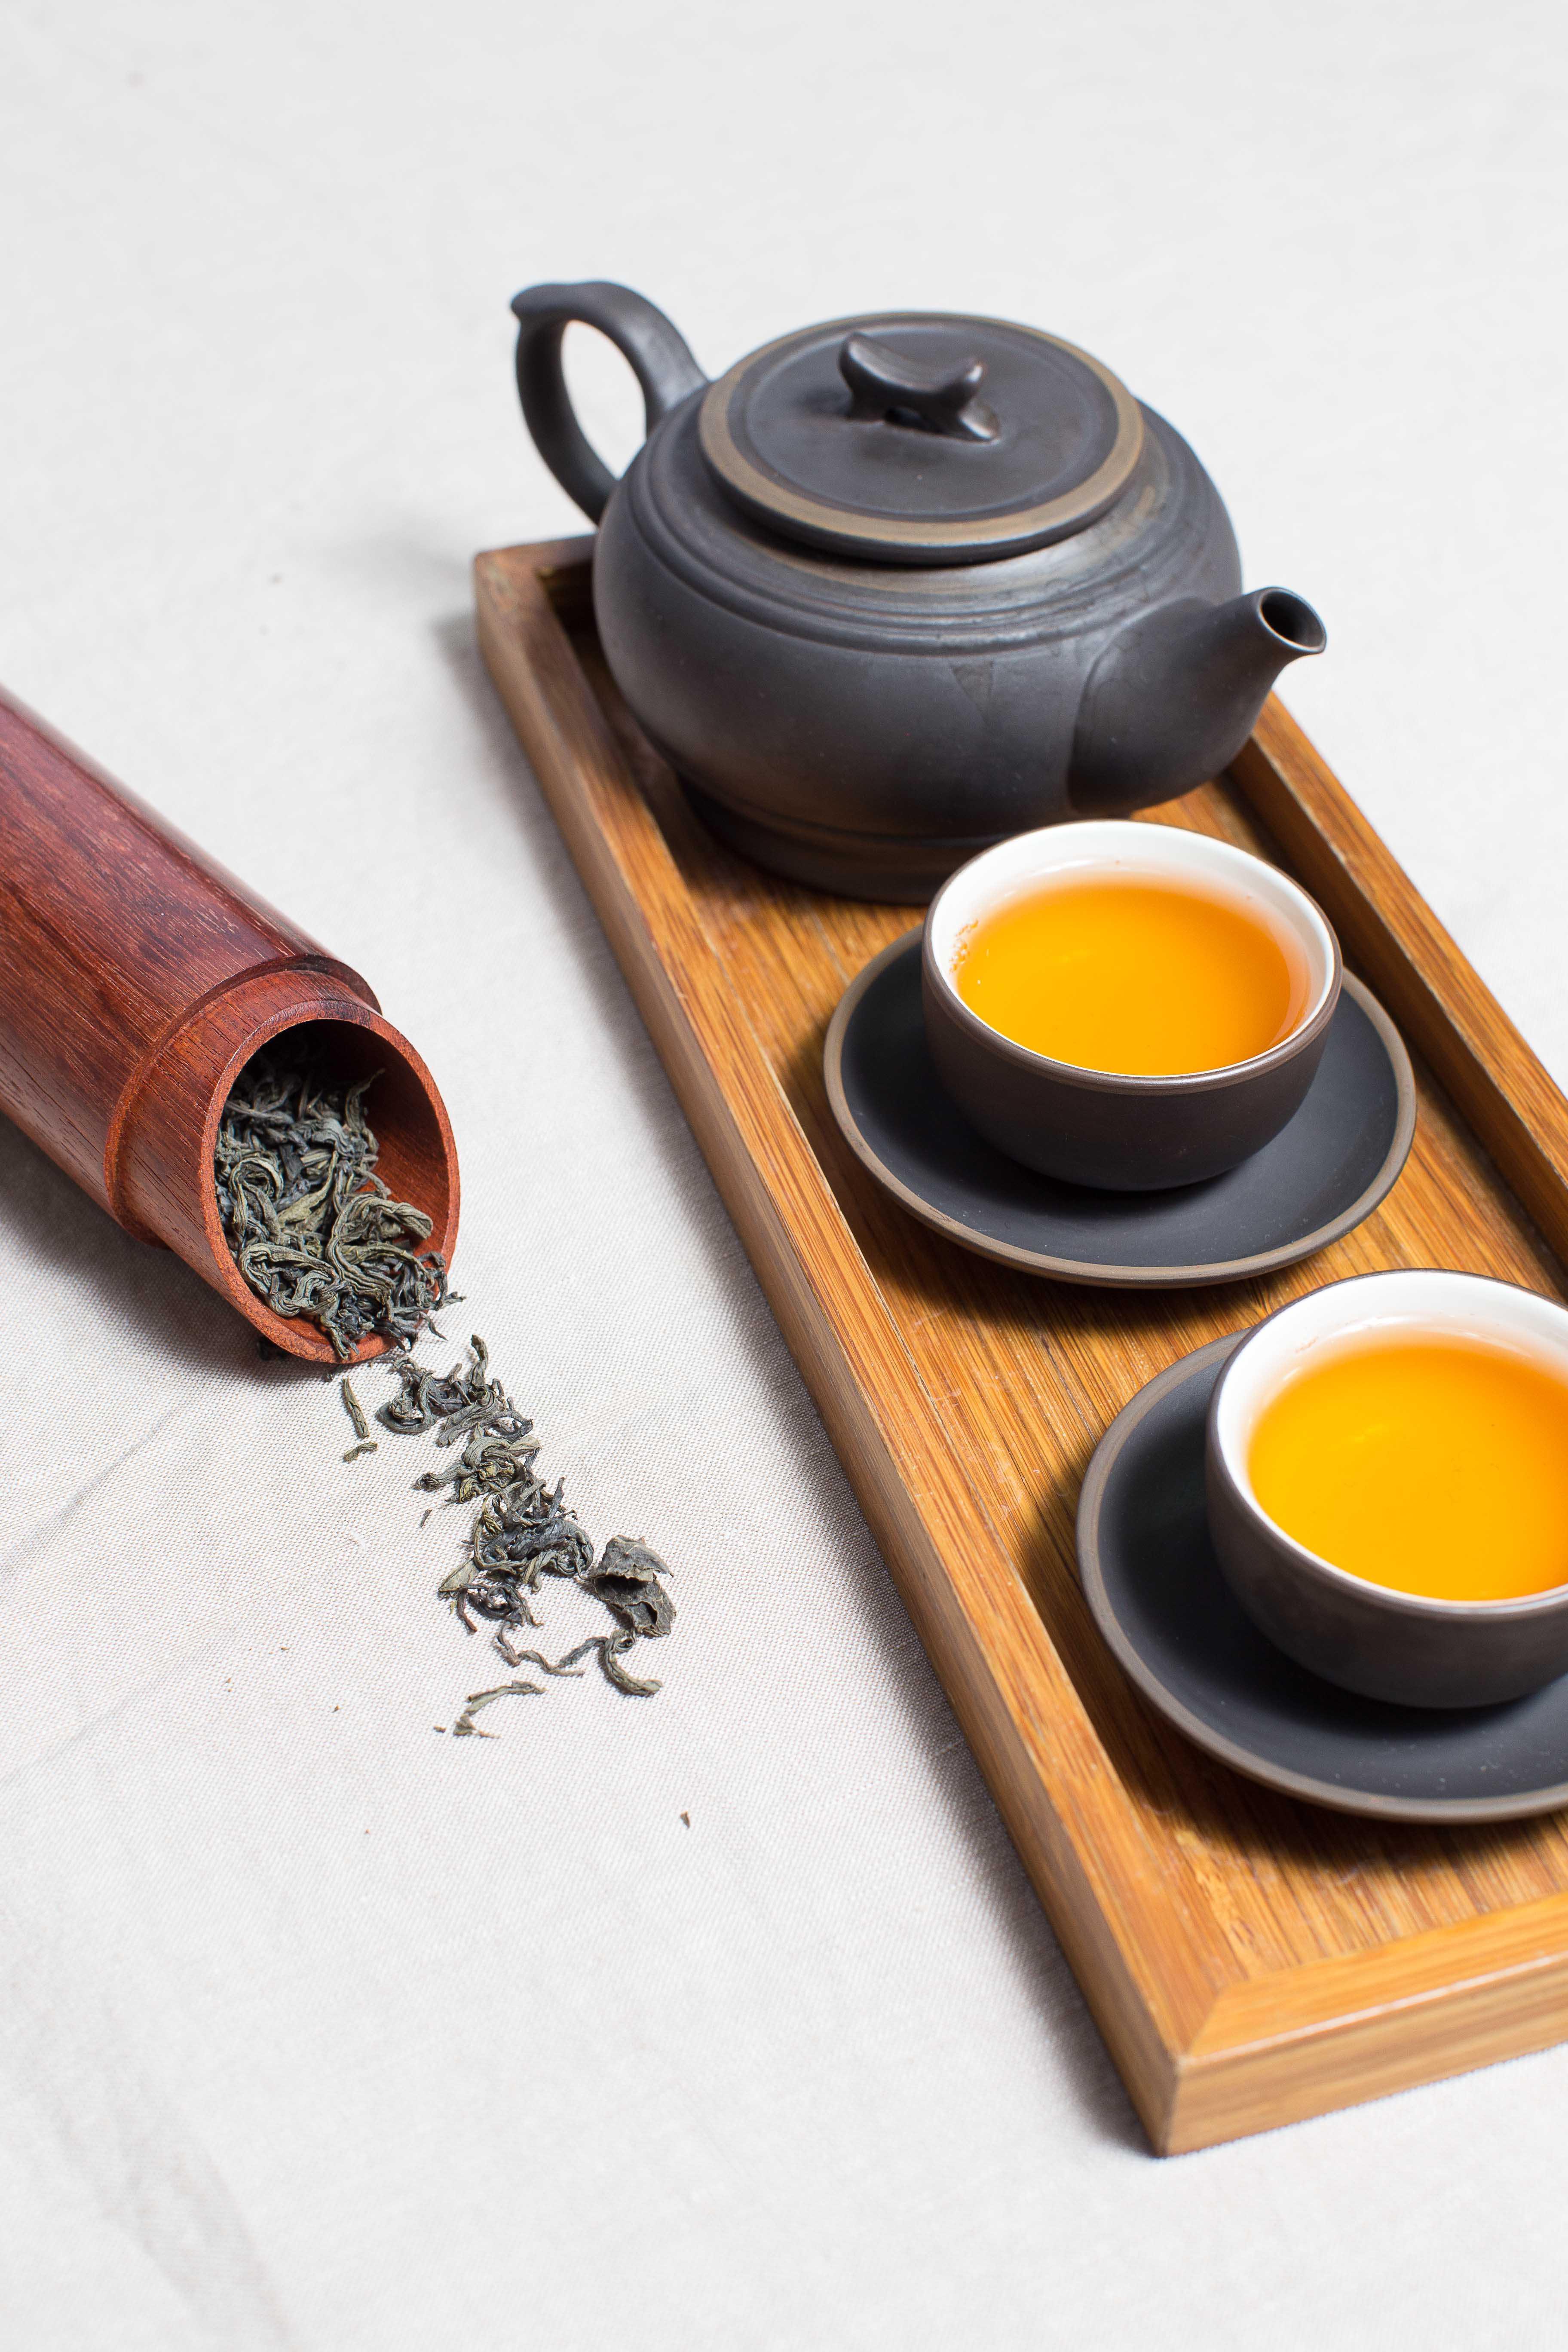 théière et tasses de thé